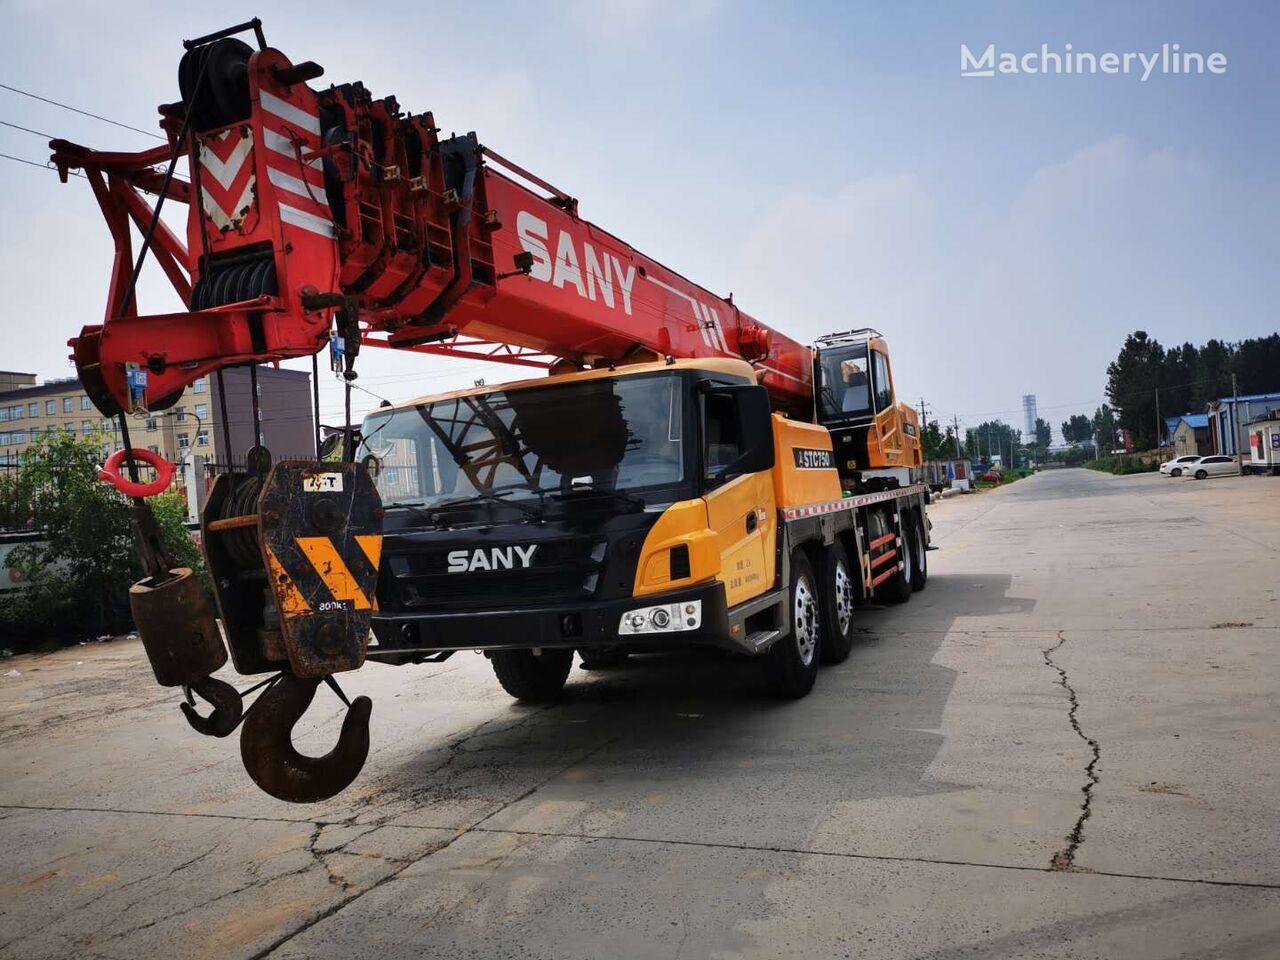 SANY STC750 used crane sany grúa móvil